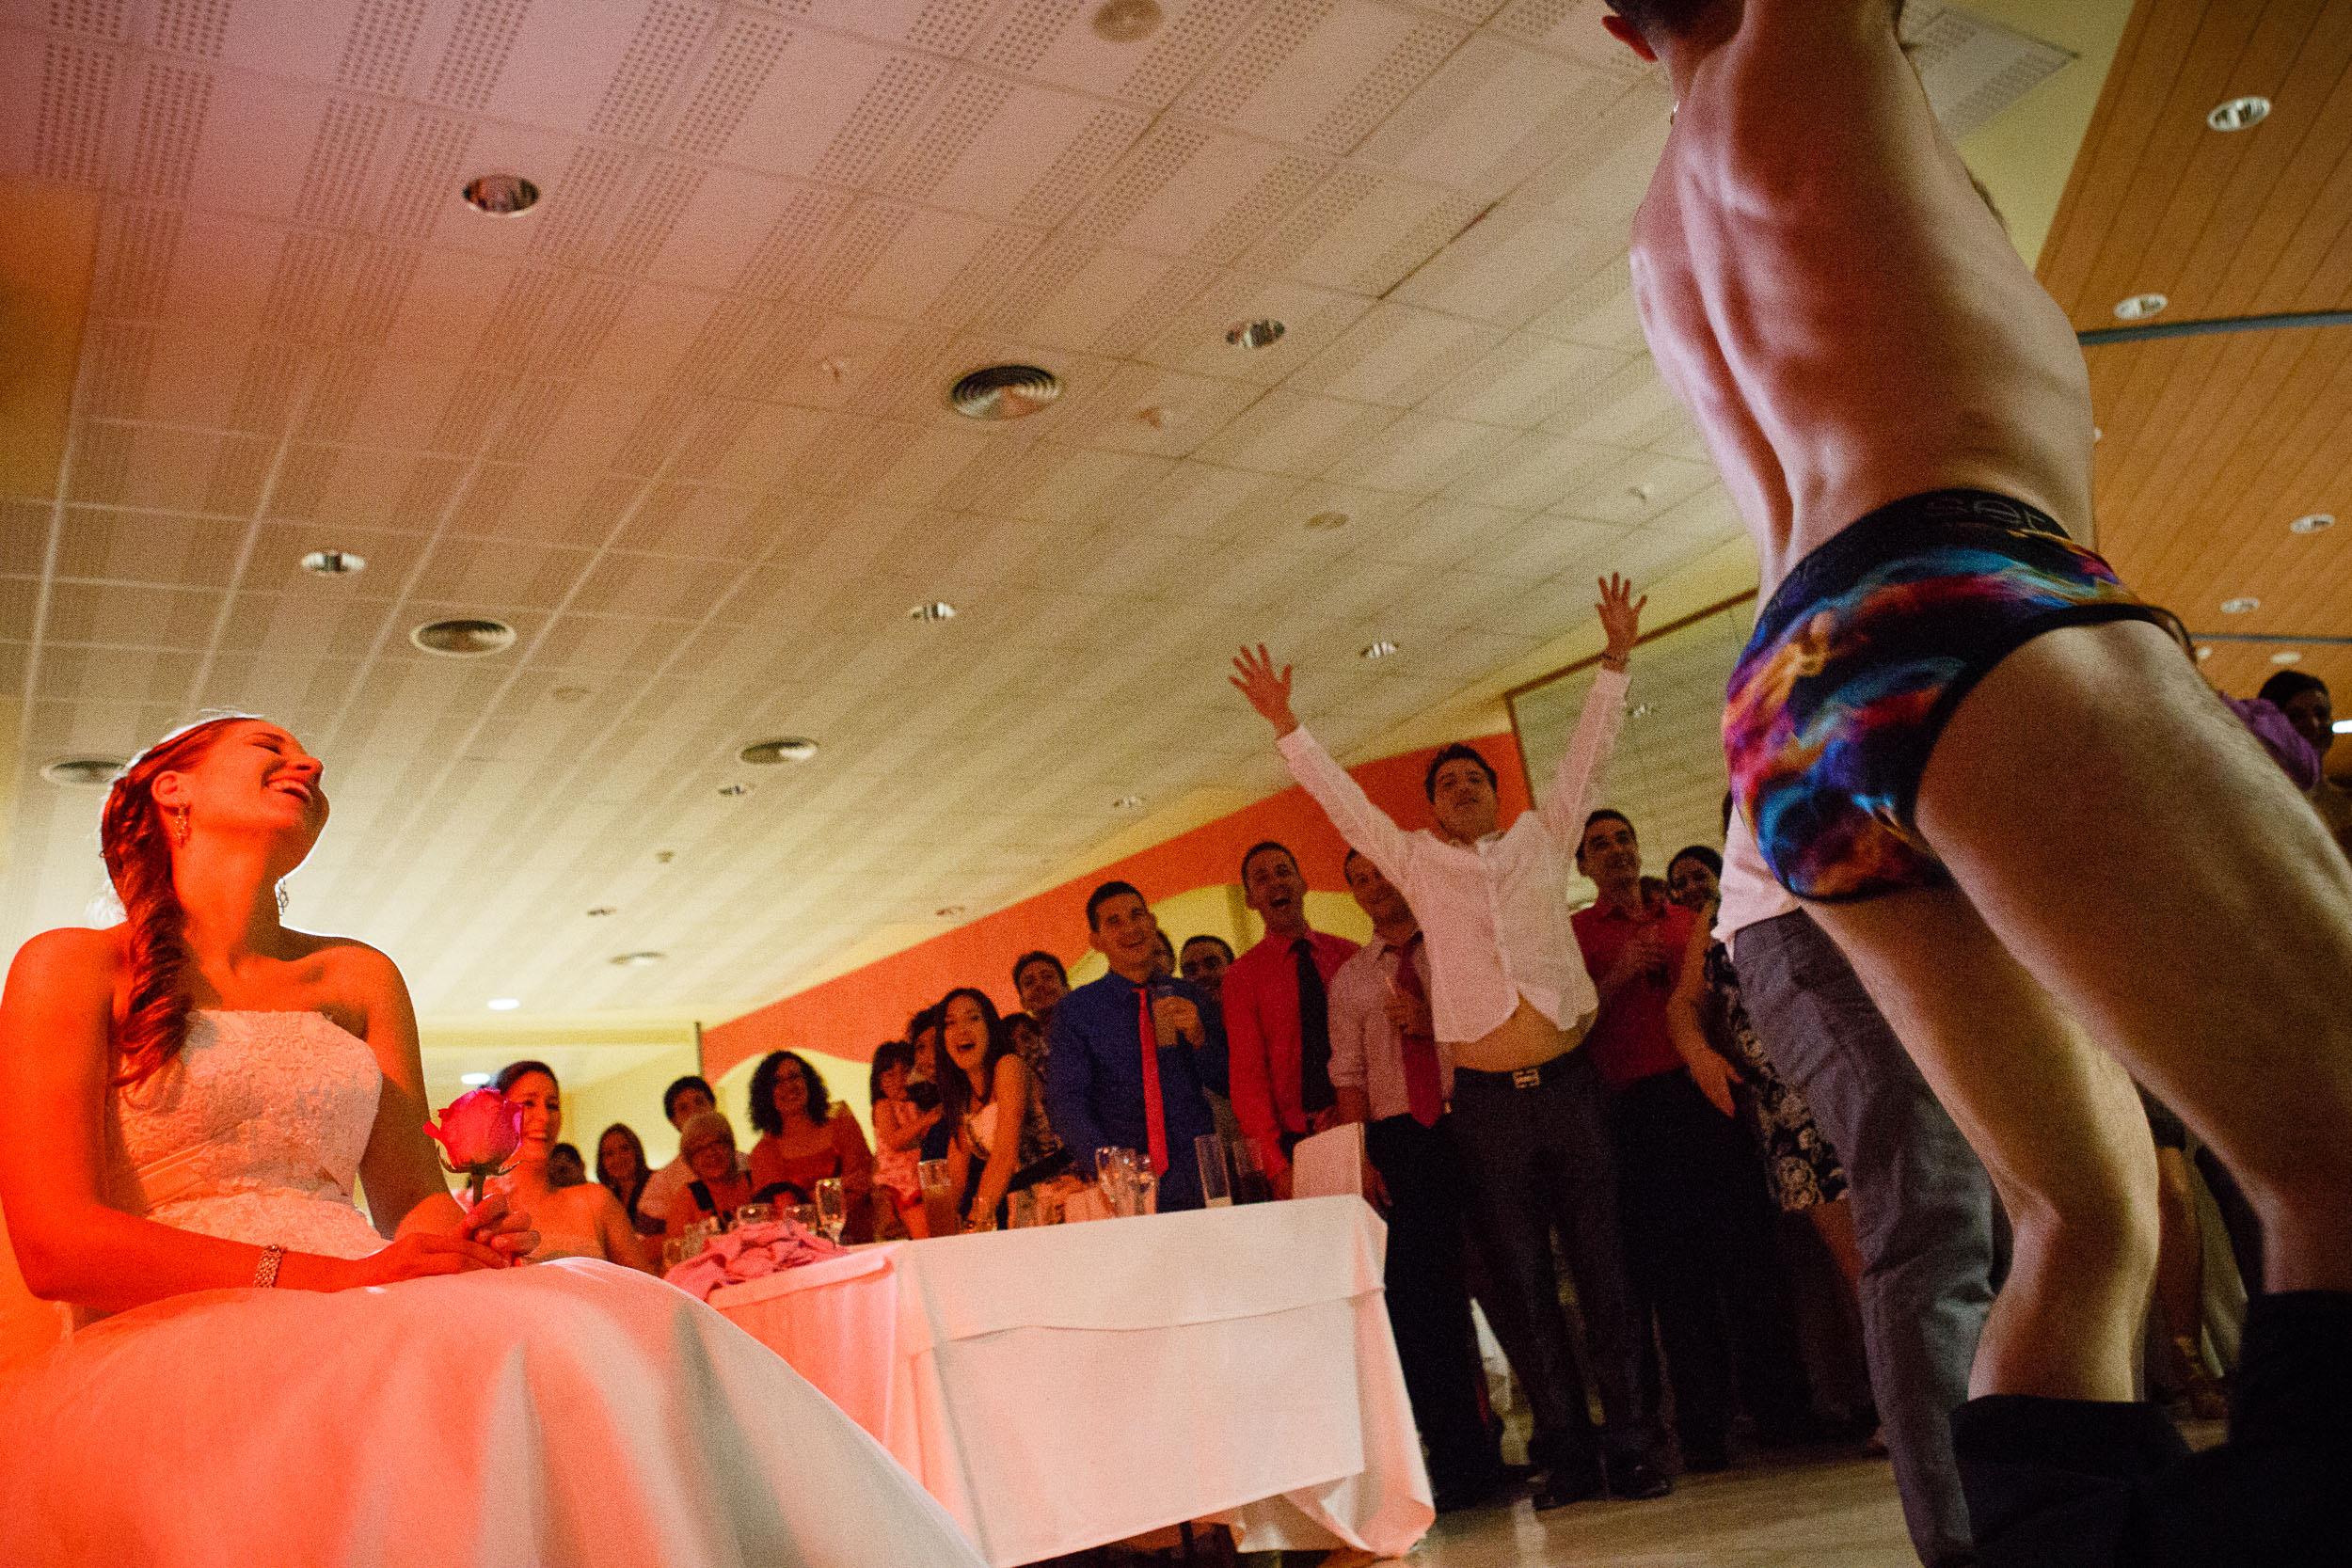 Fotografia de boda La Rioja Pais Vasco España - James Sturcke - sturcke.org_061.jpg